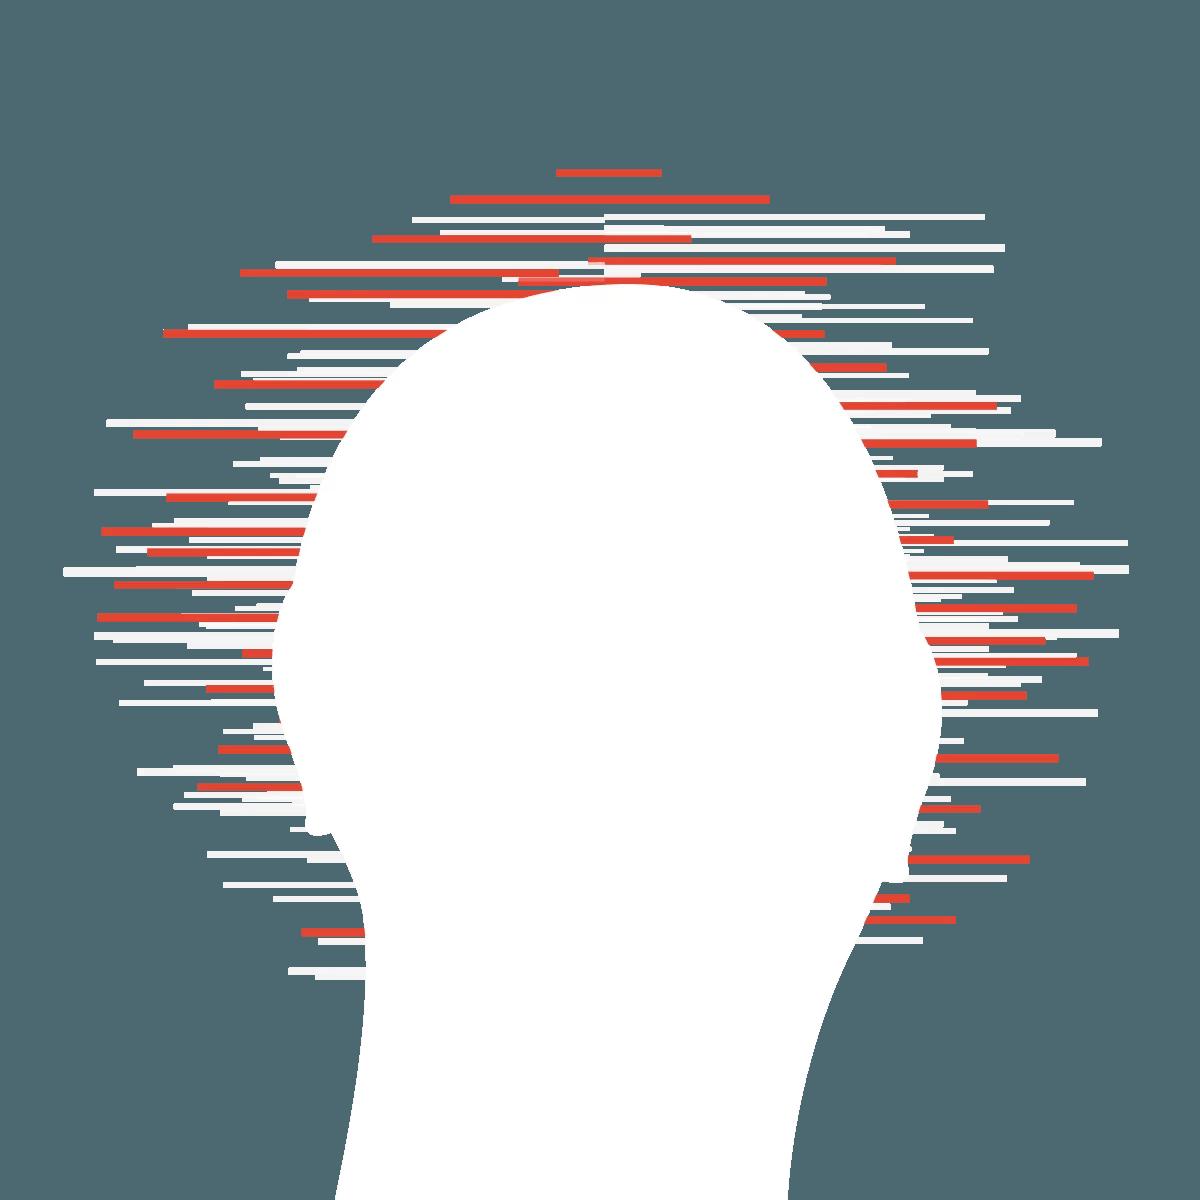 Cinetosi o malattia del movimento:  cos'è e come si cura